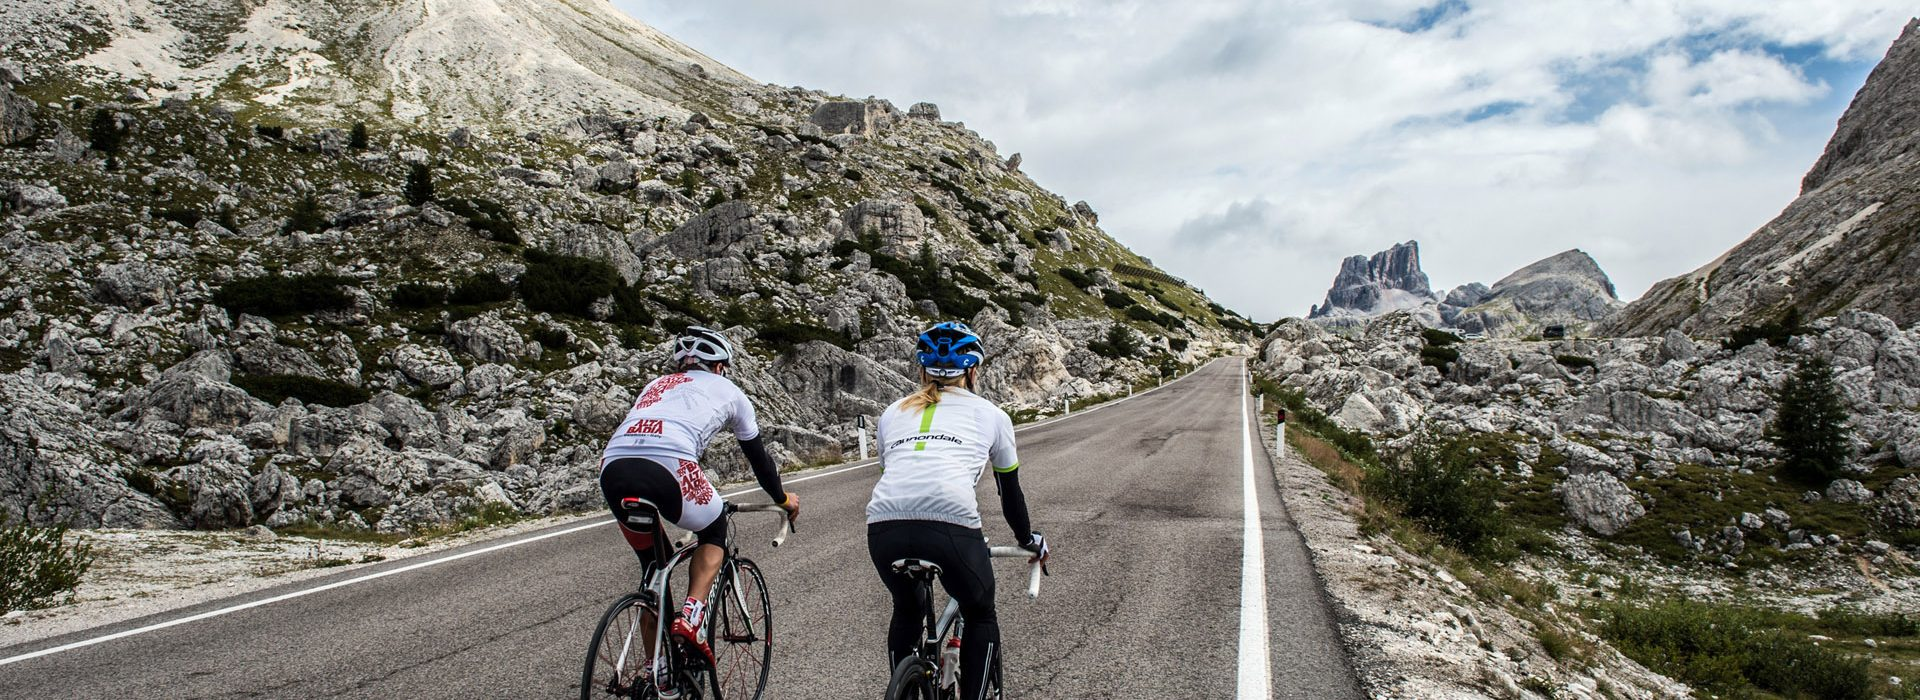 Schenke Rennrad-Freuden - allgemein